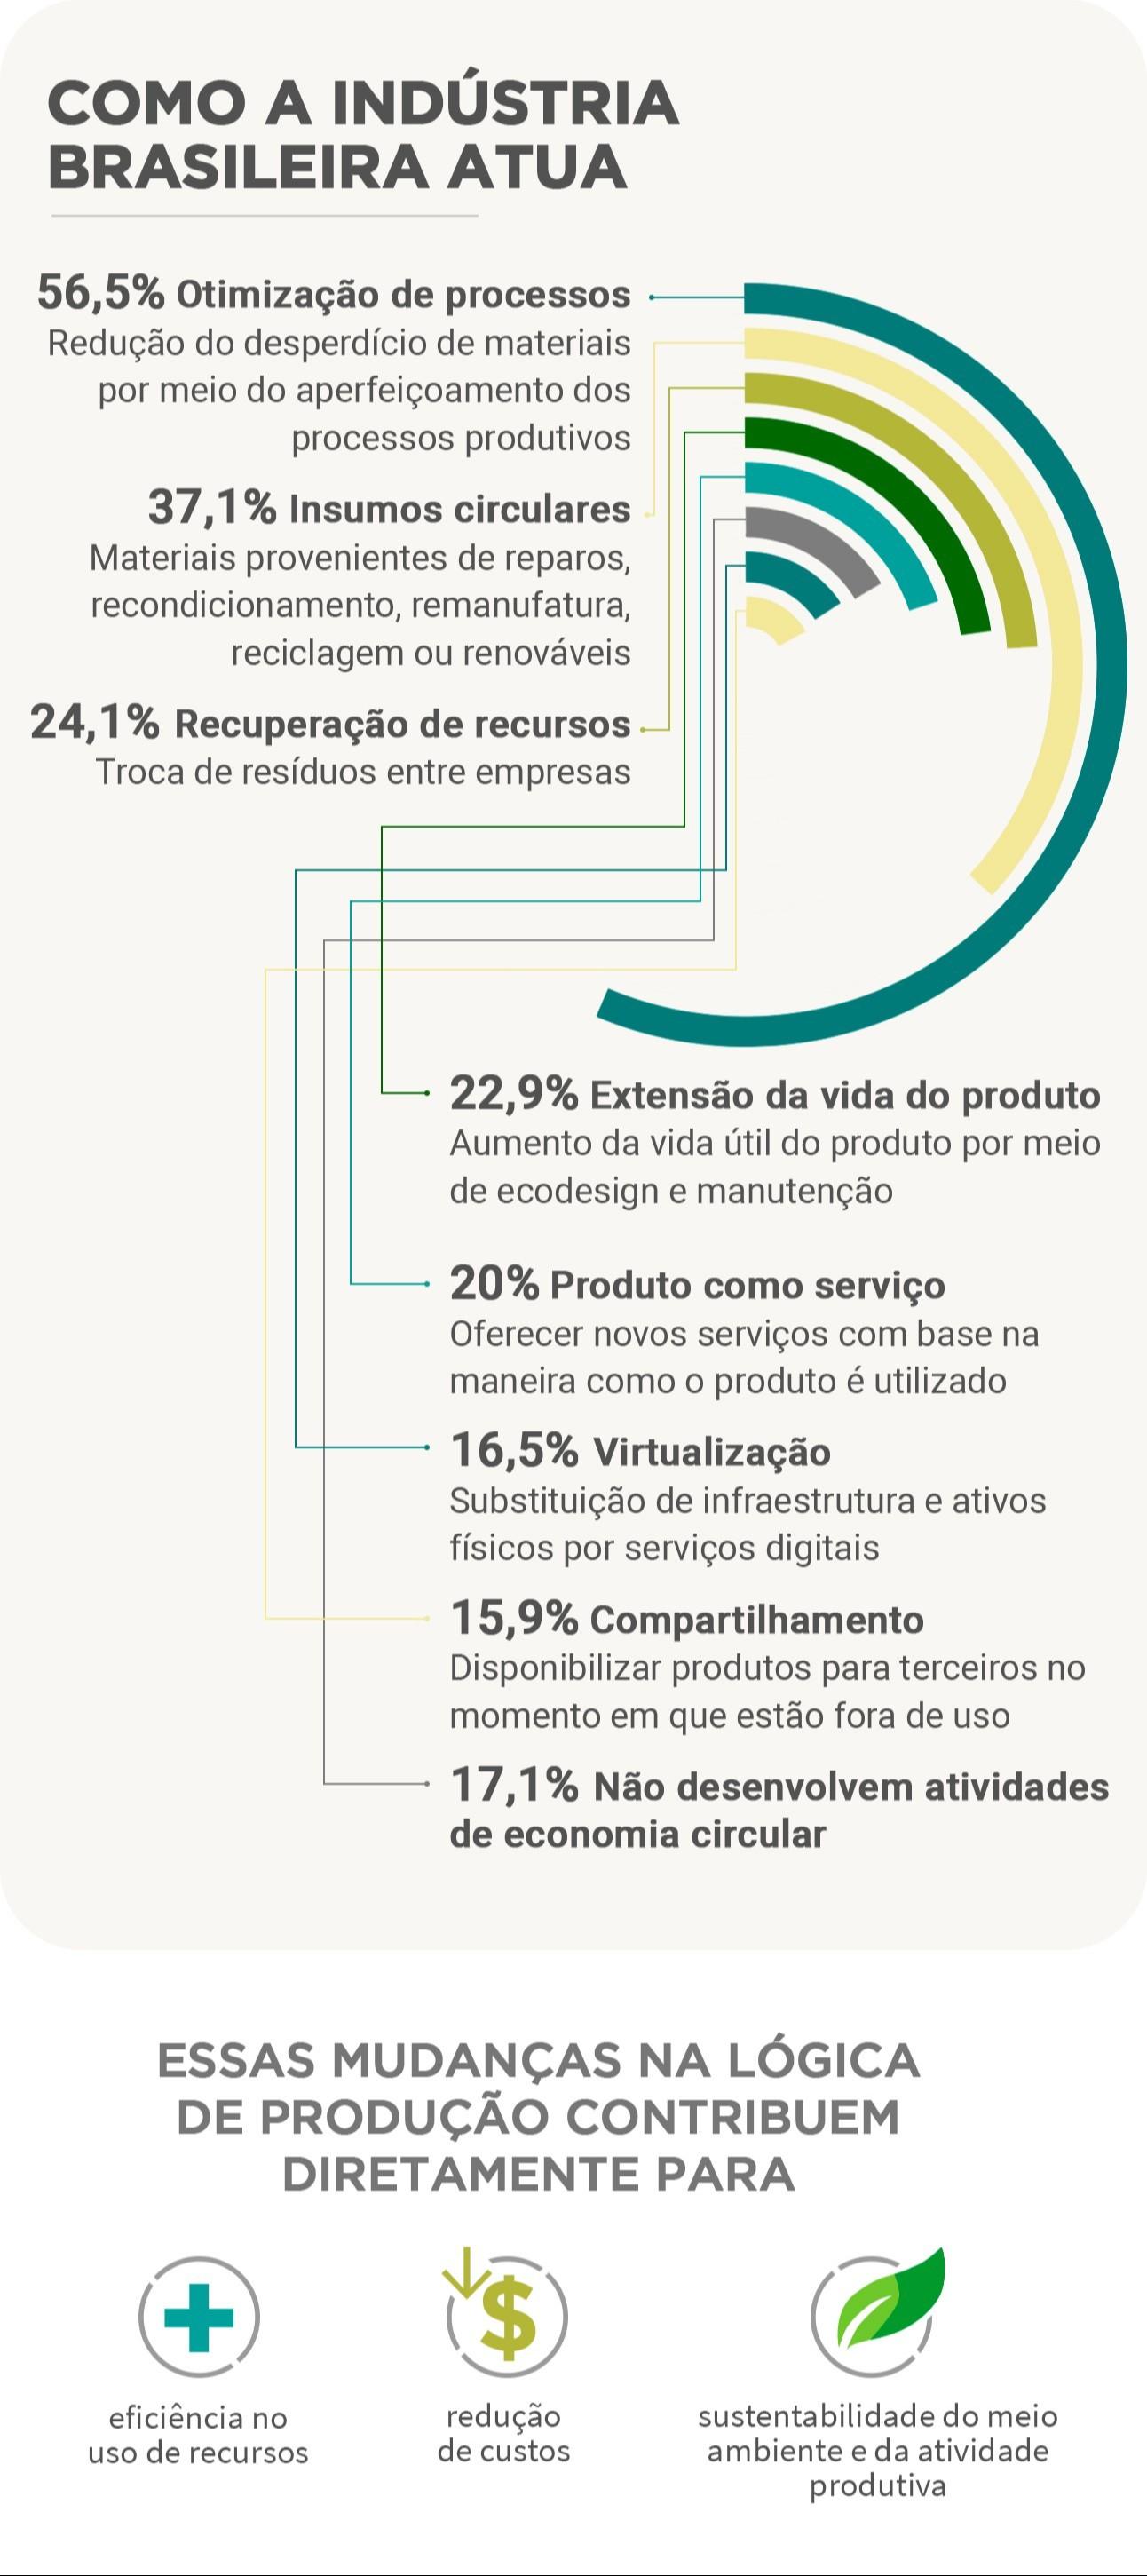 Infográfico detalha números de pesquisa sobre economia circular